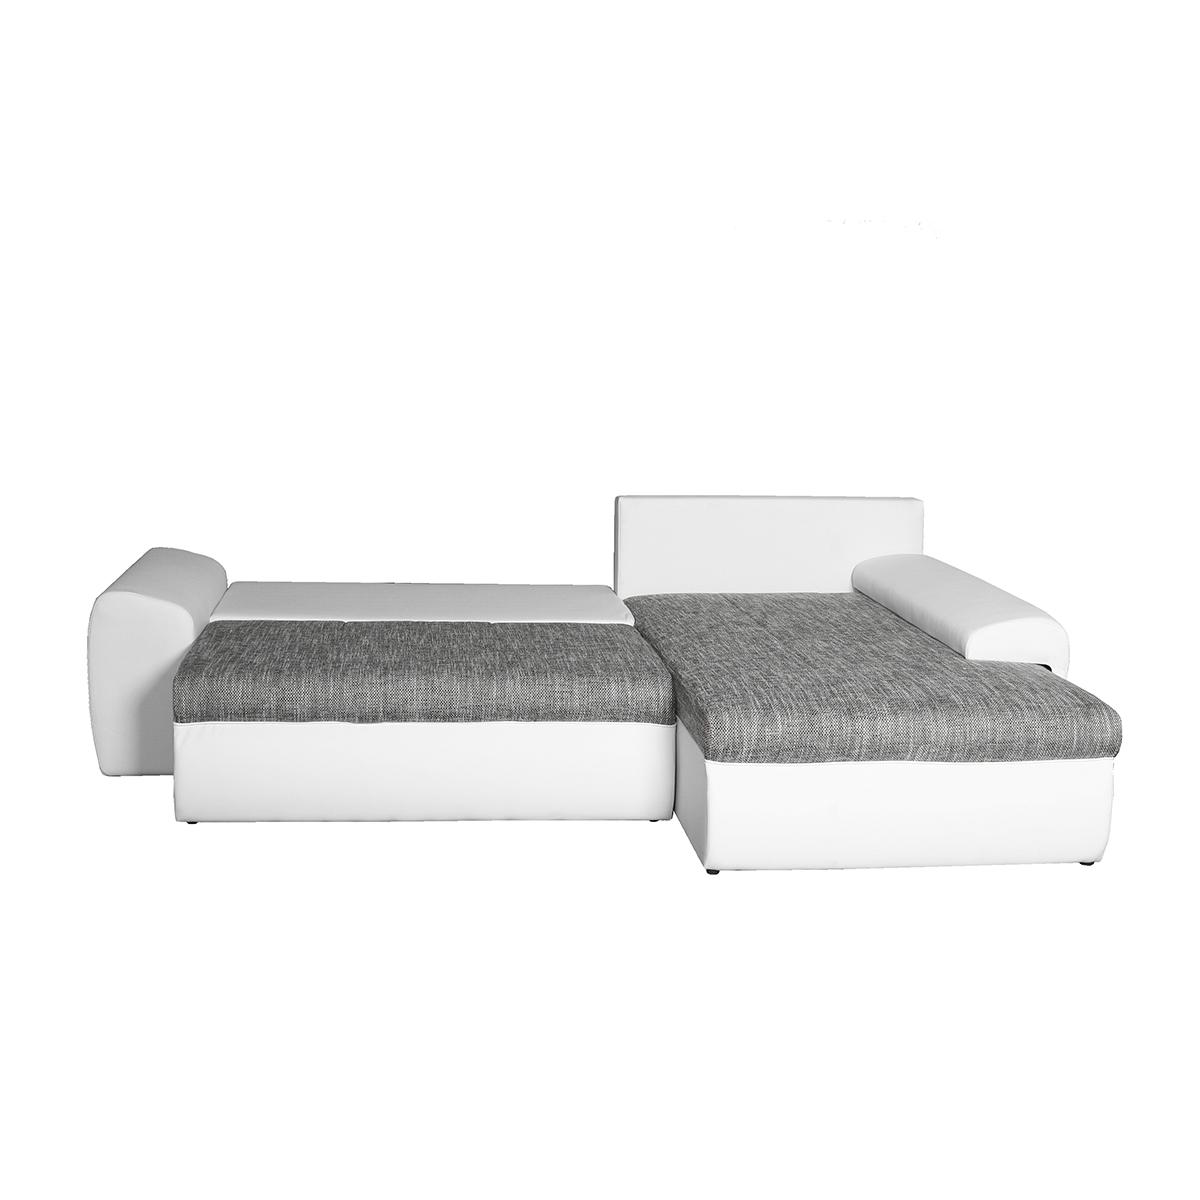 nancy wohnzimmergarnitur mit schlaffunktion moebel trend 24. Black Bedroom Furniture Sets. Home Design Ideas